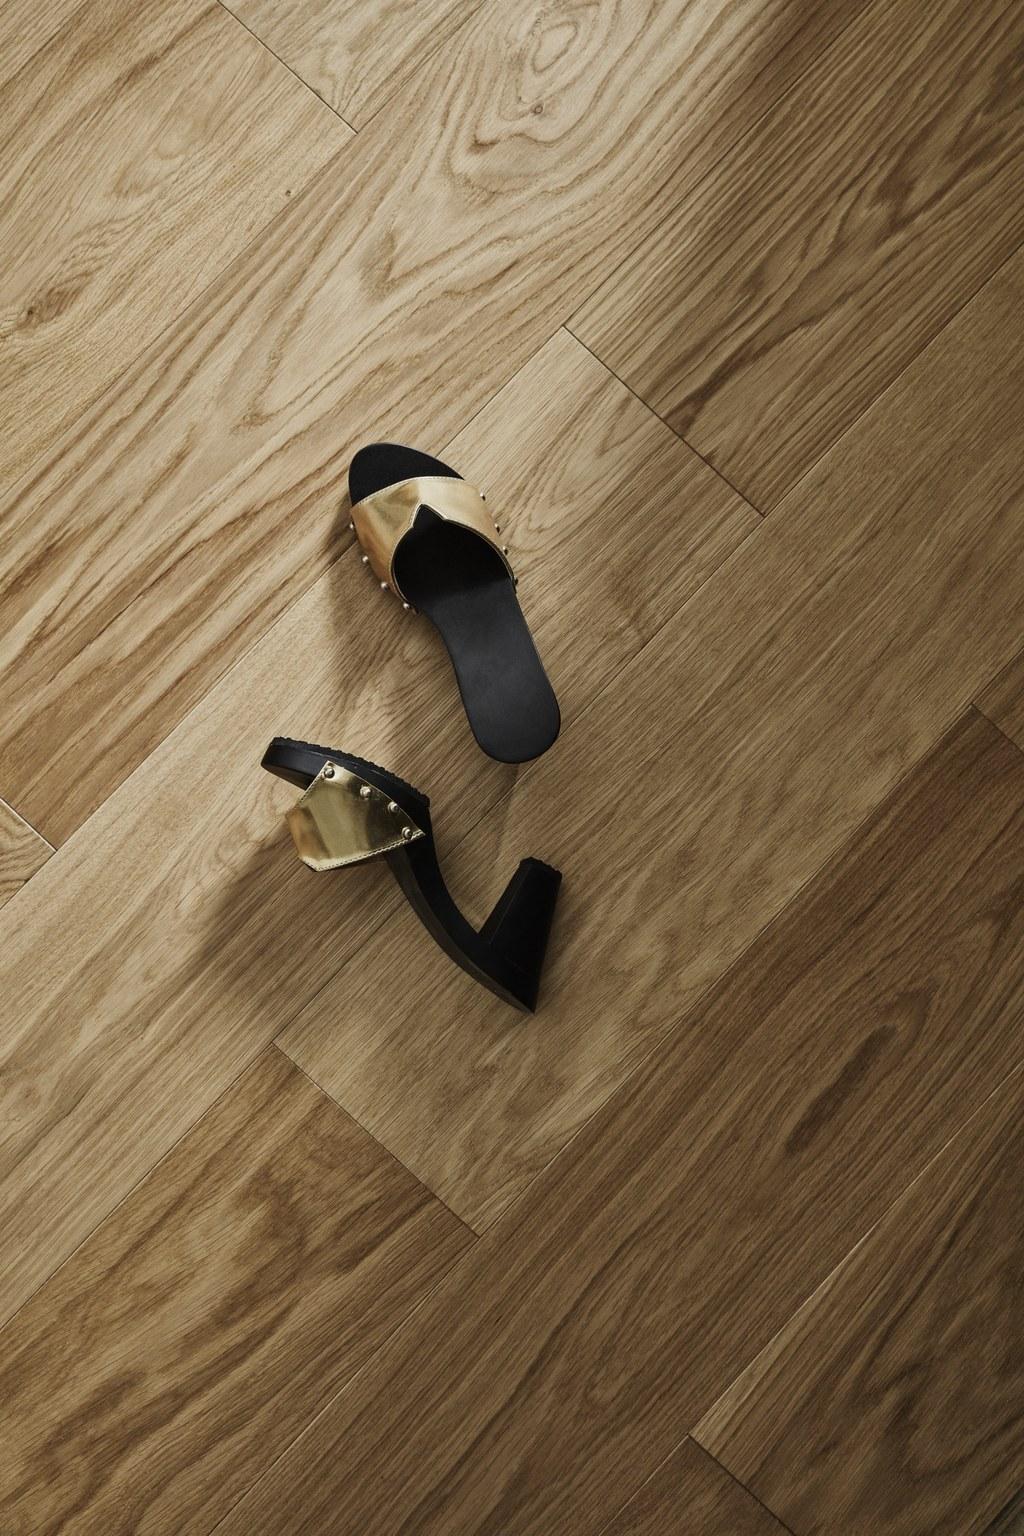 Timberwise Tammi Oak Tile Pattern 185x925mm Harjattu Brush Oljyvahattu Waxoil Lahikuva